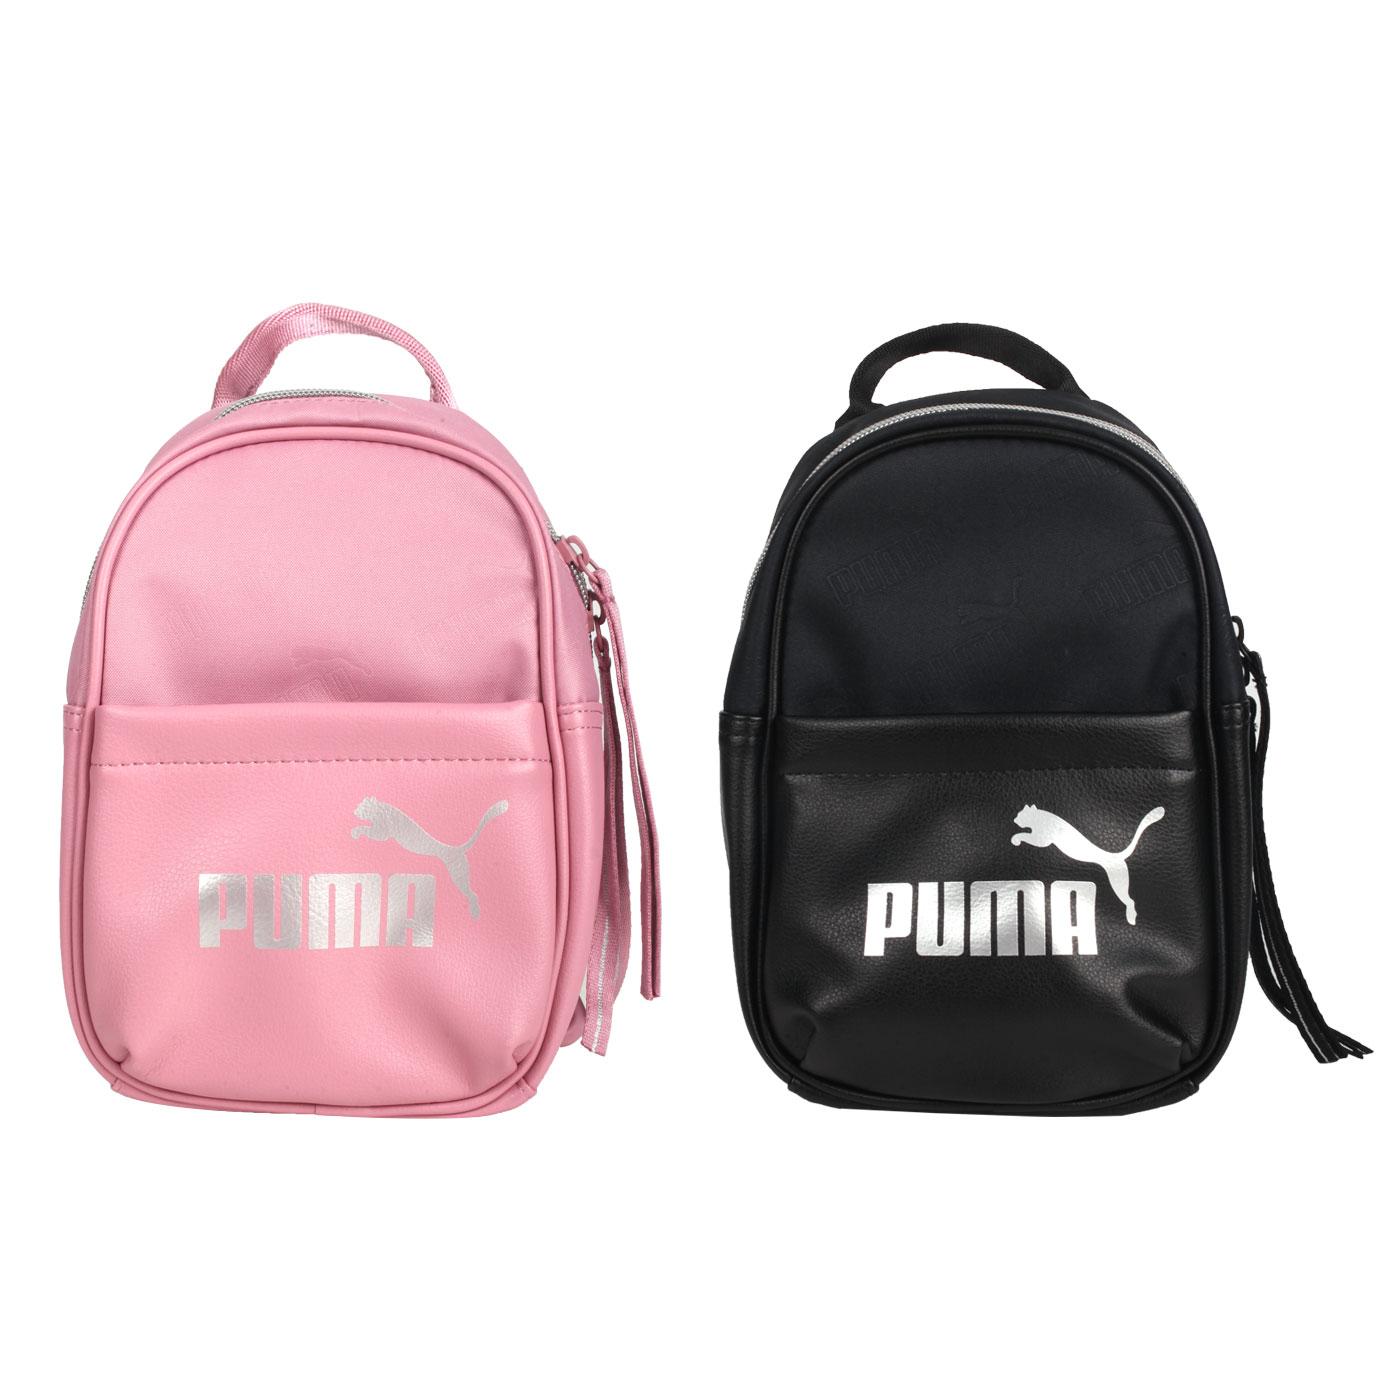 PUMA 小型後背包 07747902